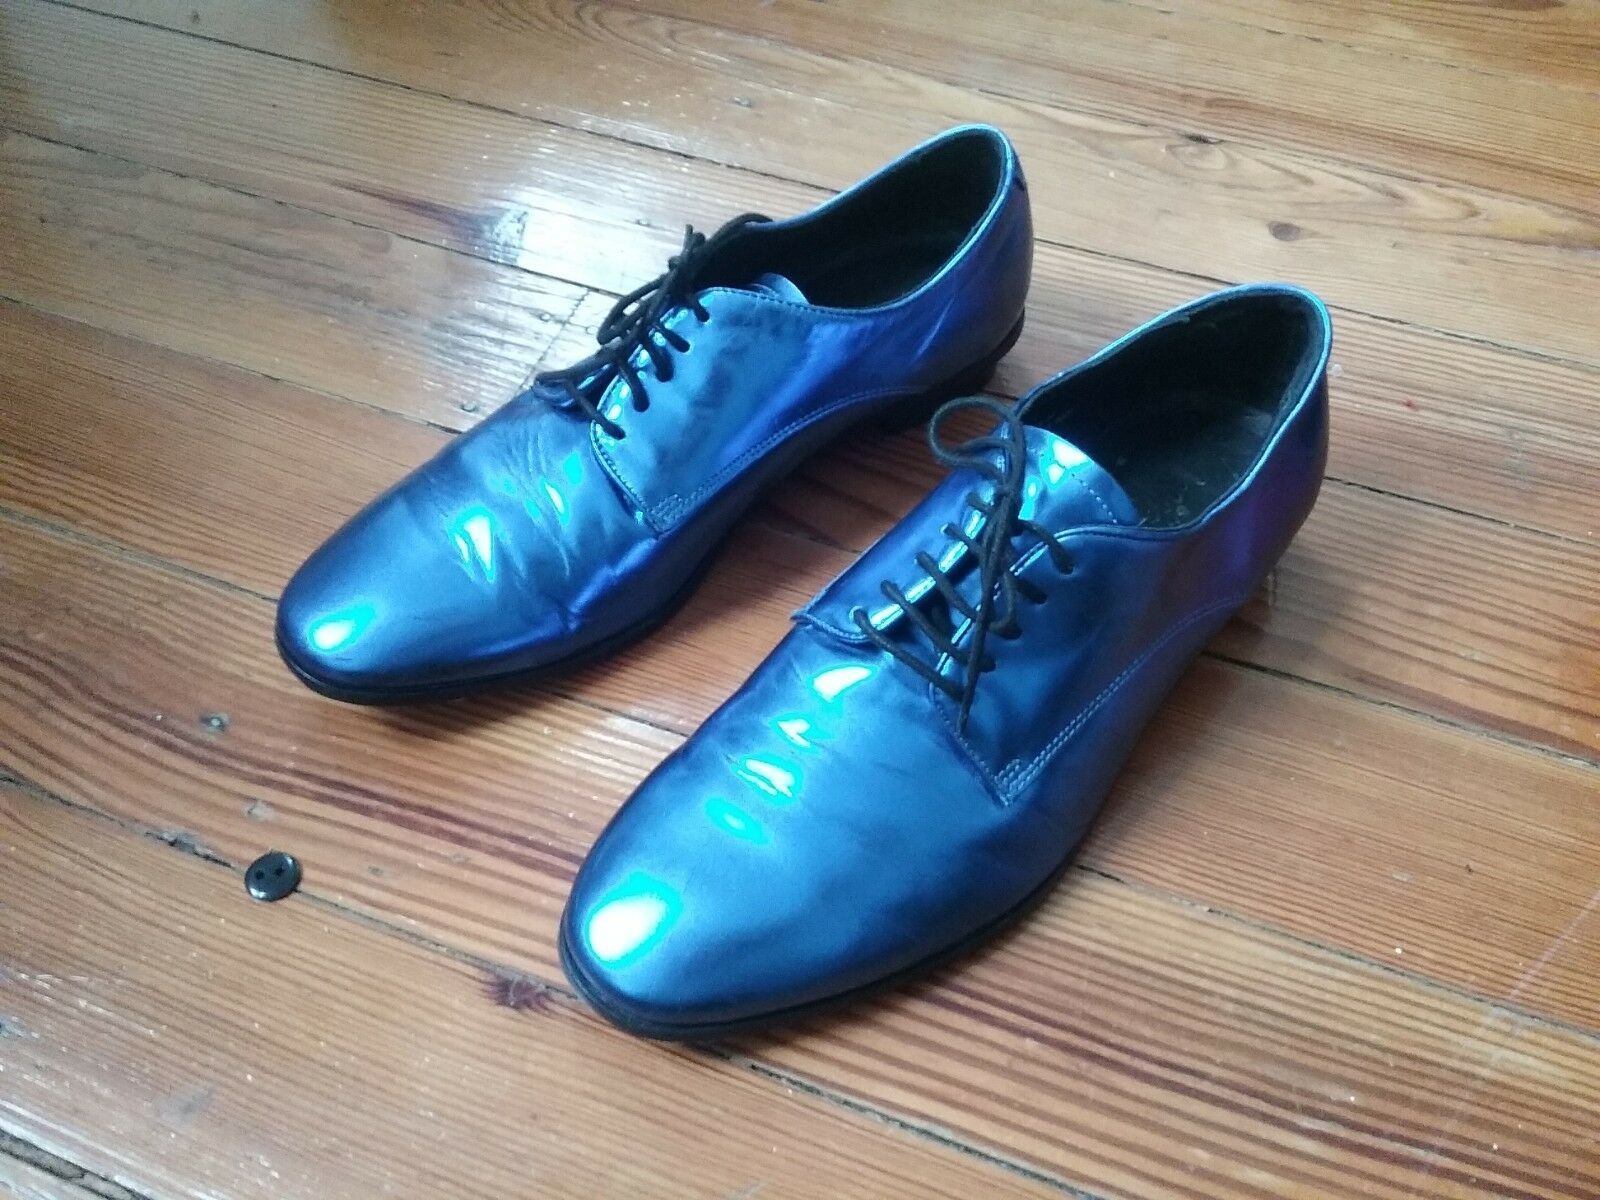 Lanvin X H&M Metálico Azul Zapatos  Talle 8. debe tener Raro